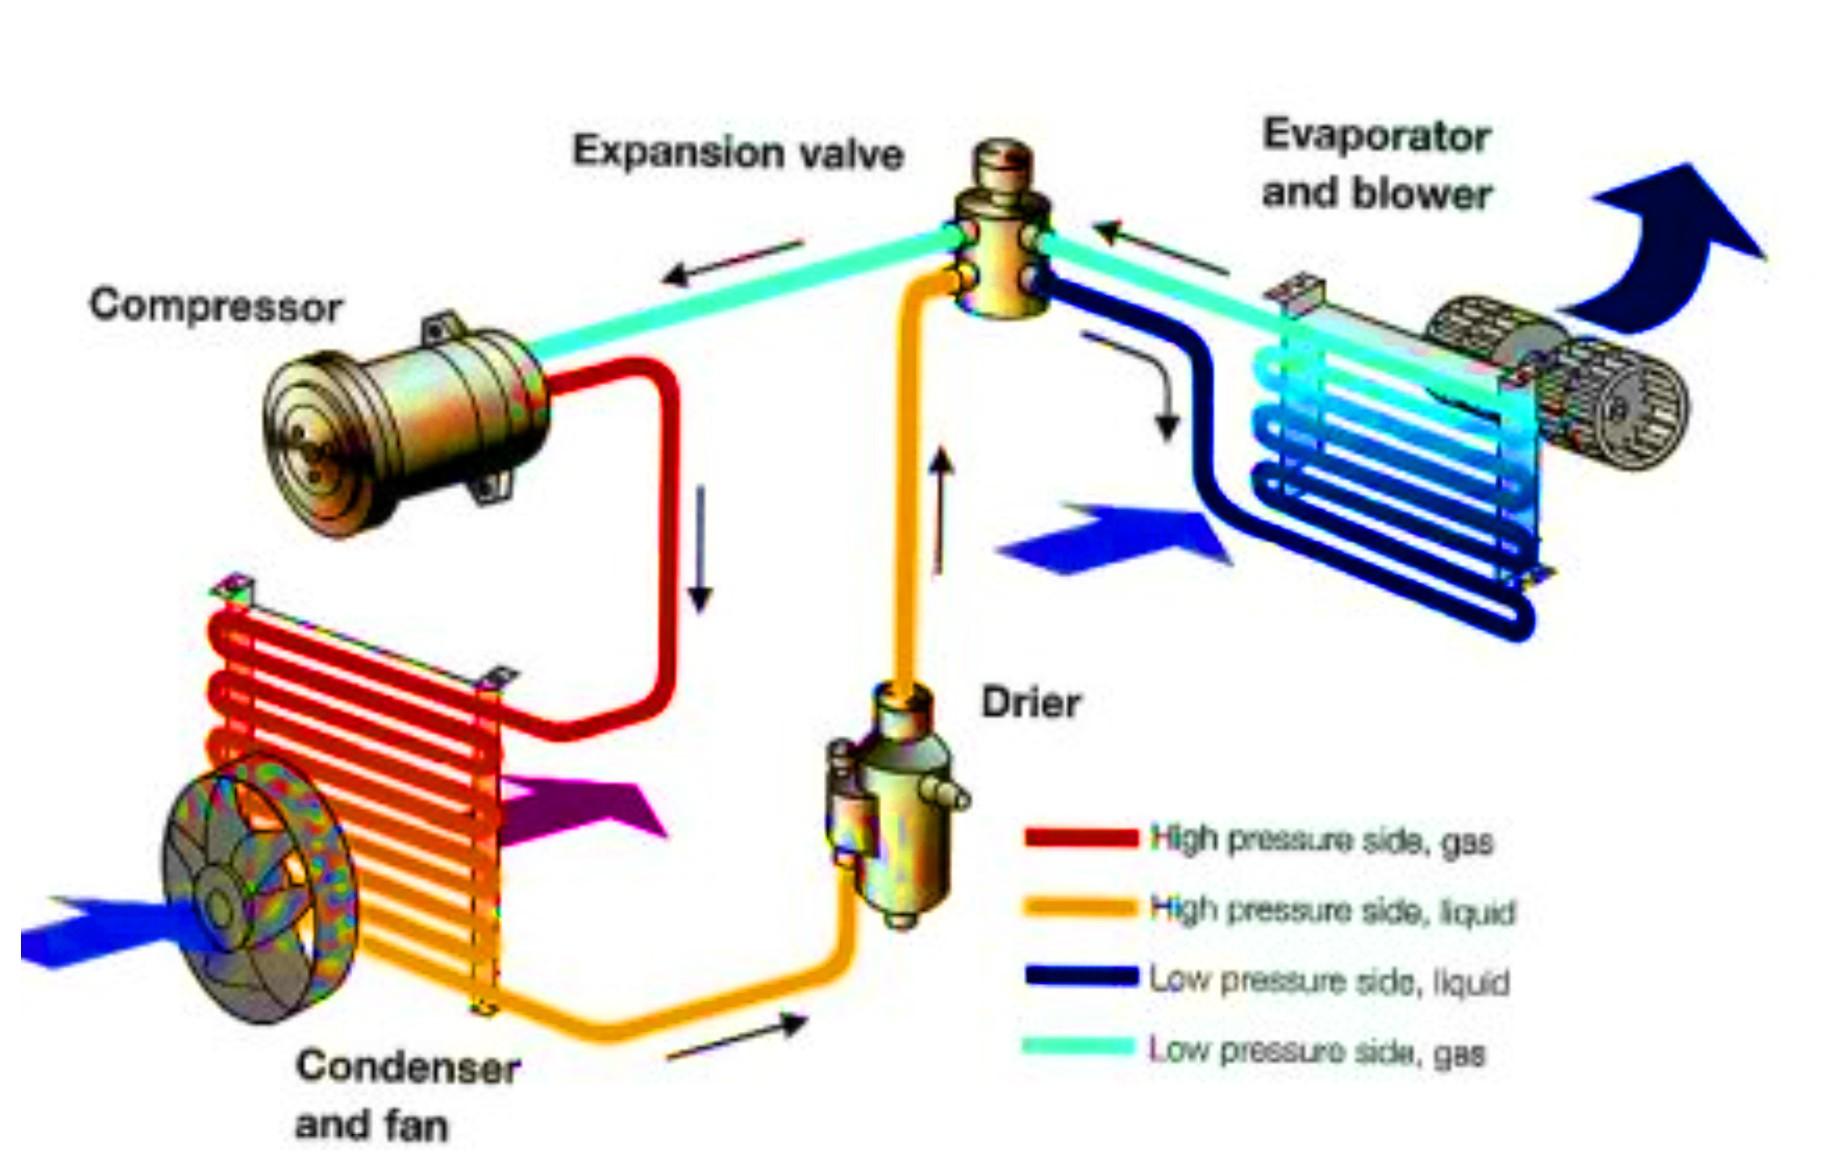 Car Ac Parts Diagram Car Diagram 24 Excelent Car Air Conditioner Diagram Car Air Of Car Ac Parts Diagram